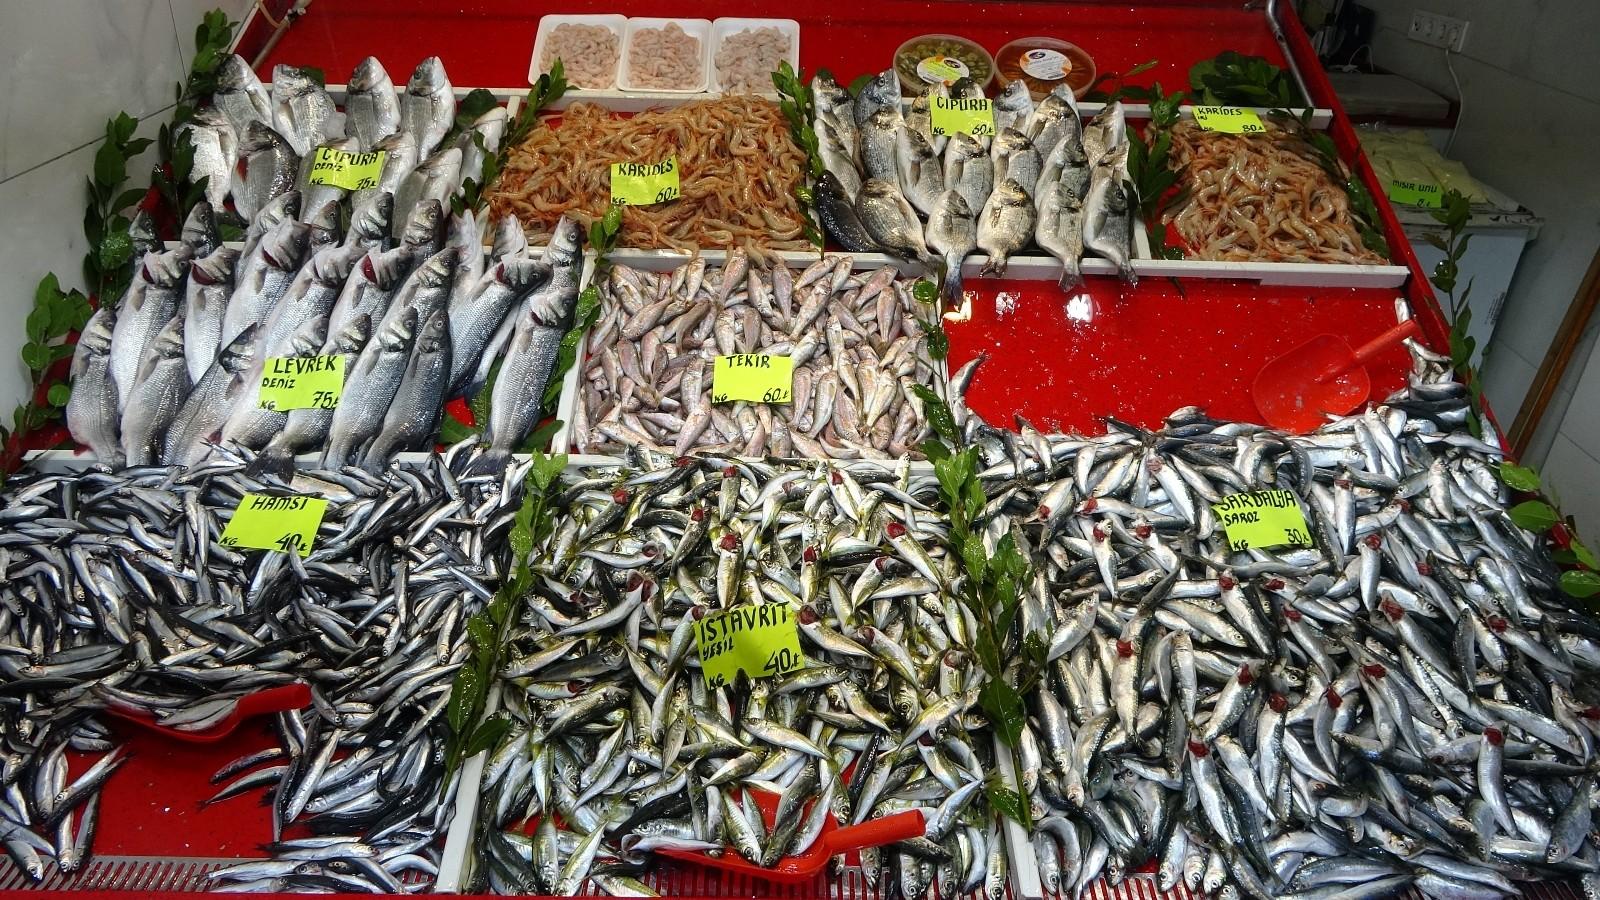 Çanakkale'de sardalyanın fiyatı 30 liraya düştü